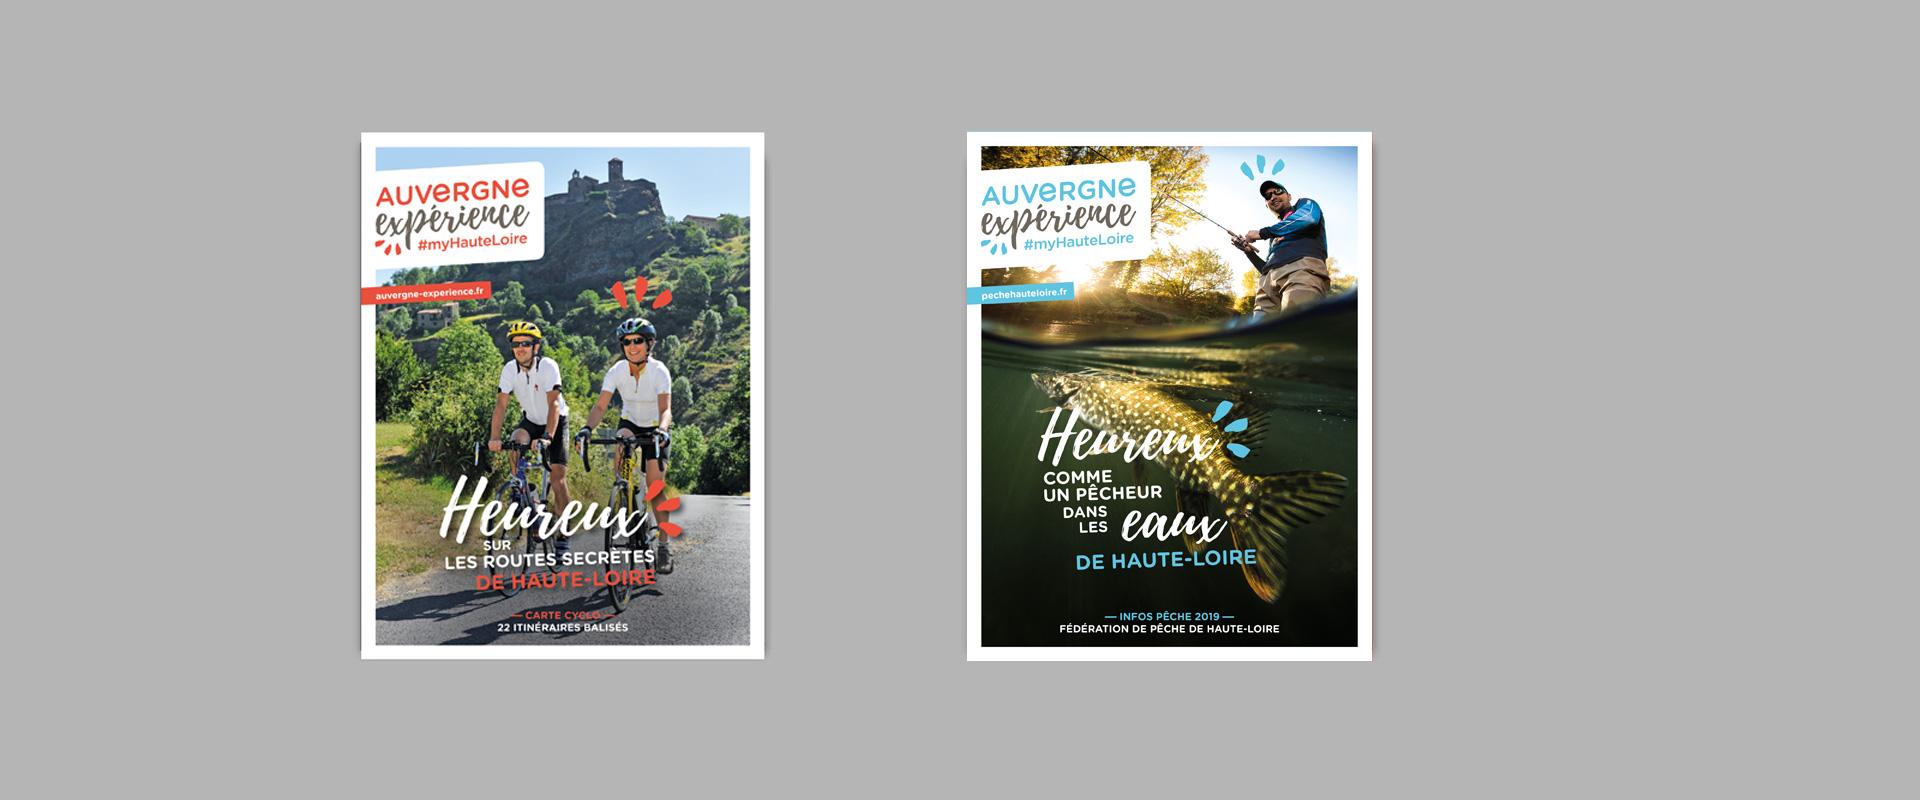 Créations de brochures Auvergne expérience par studio N°3